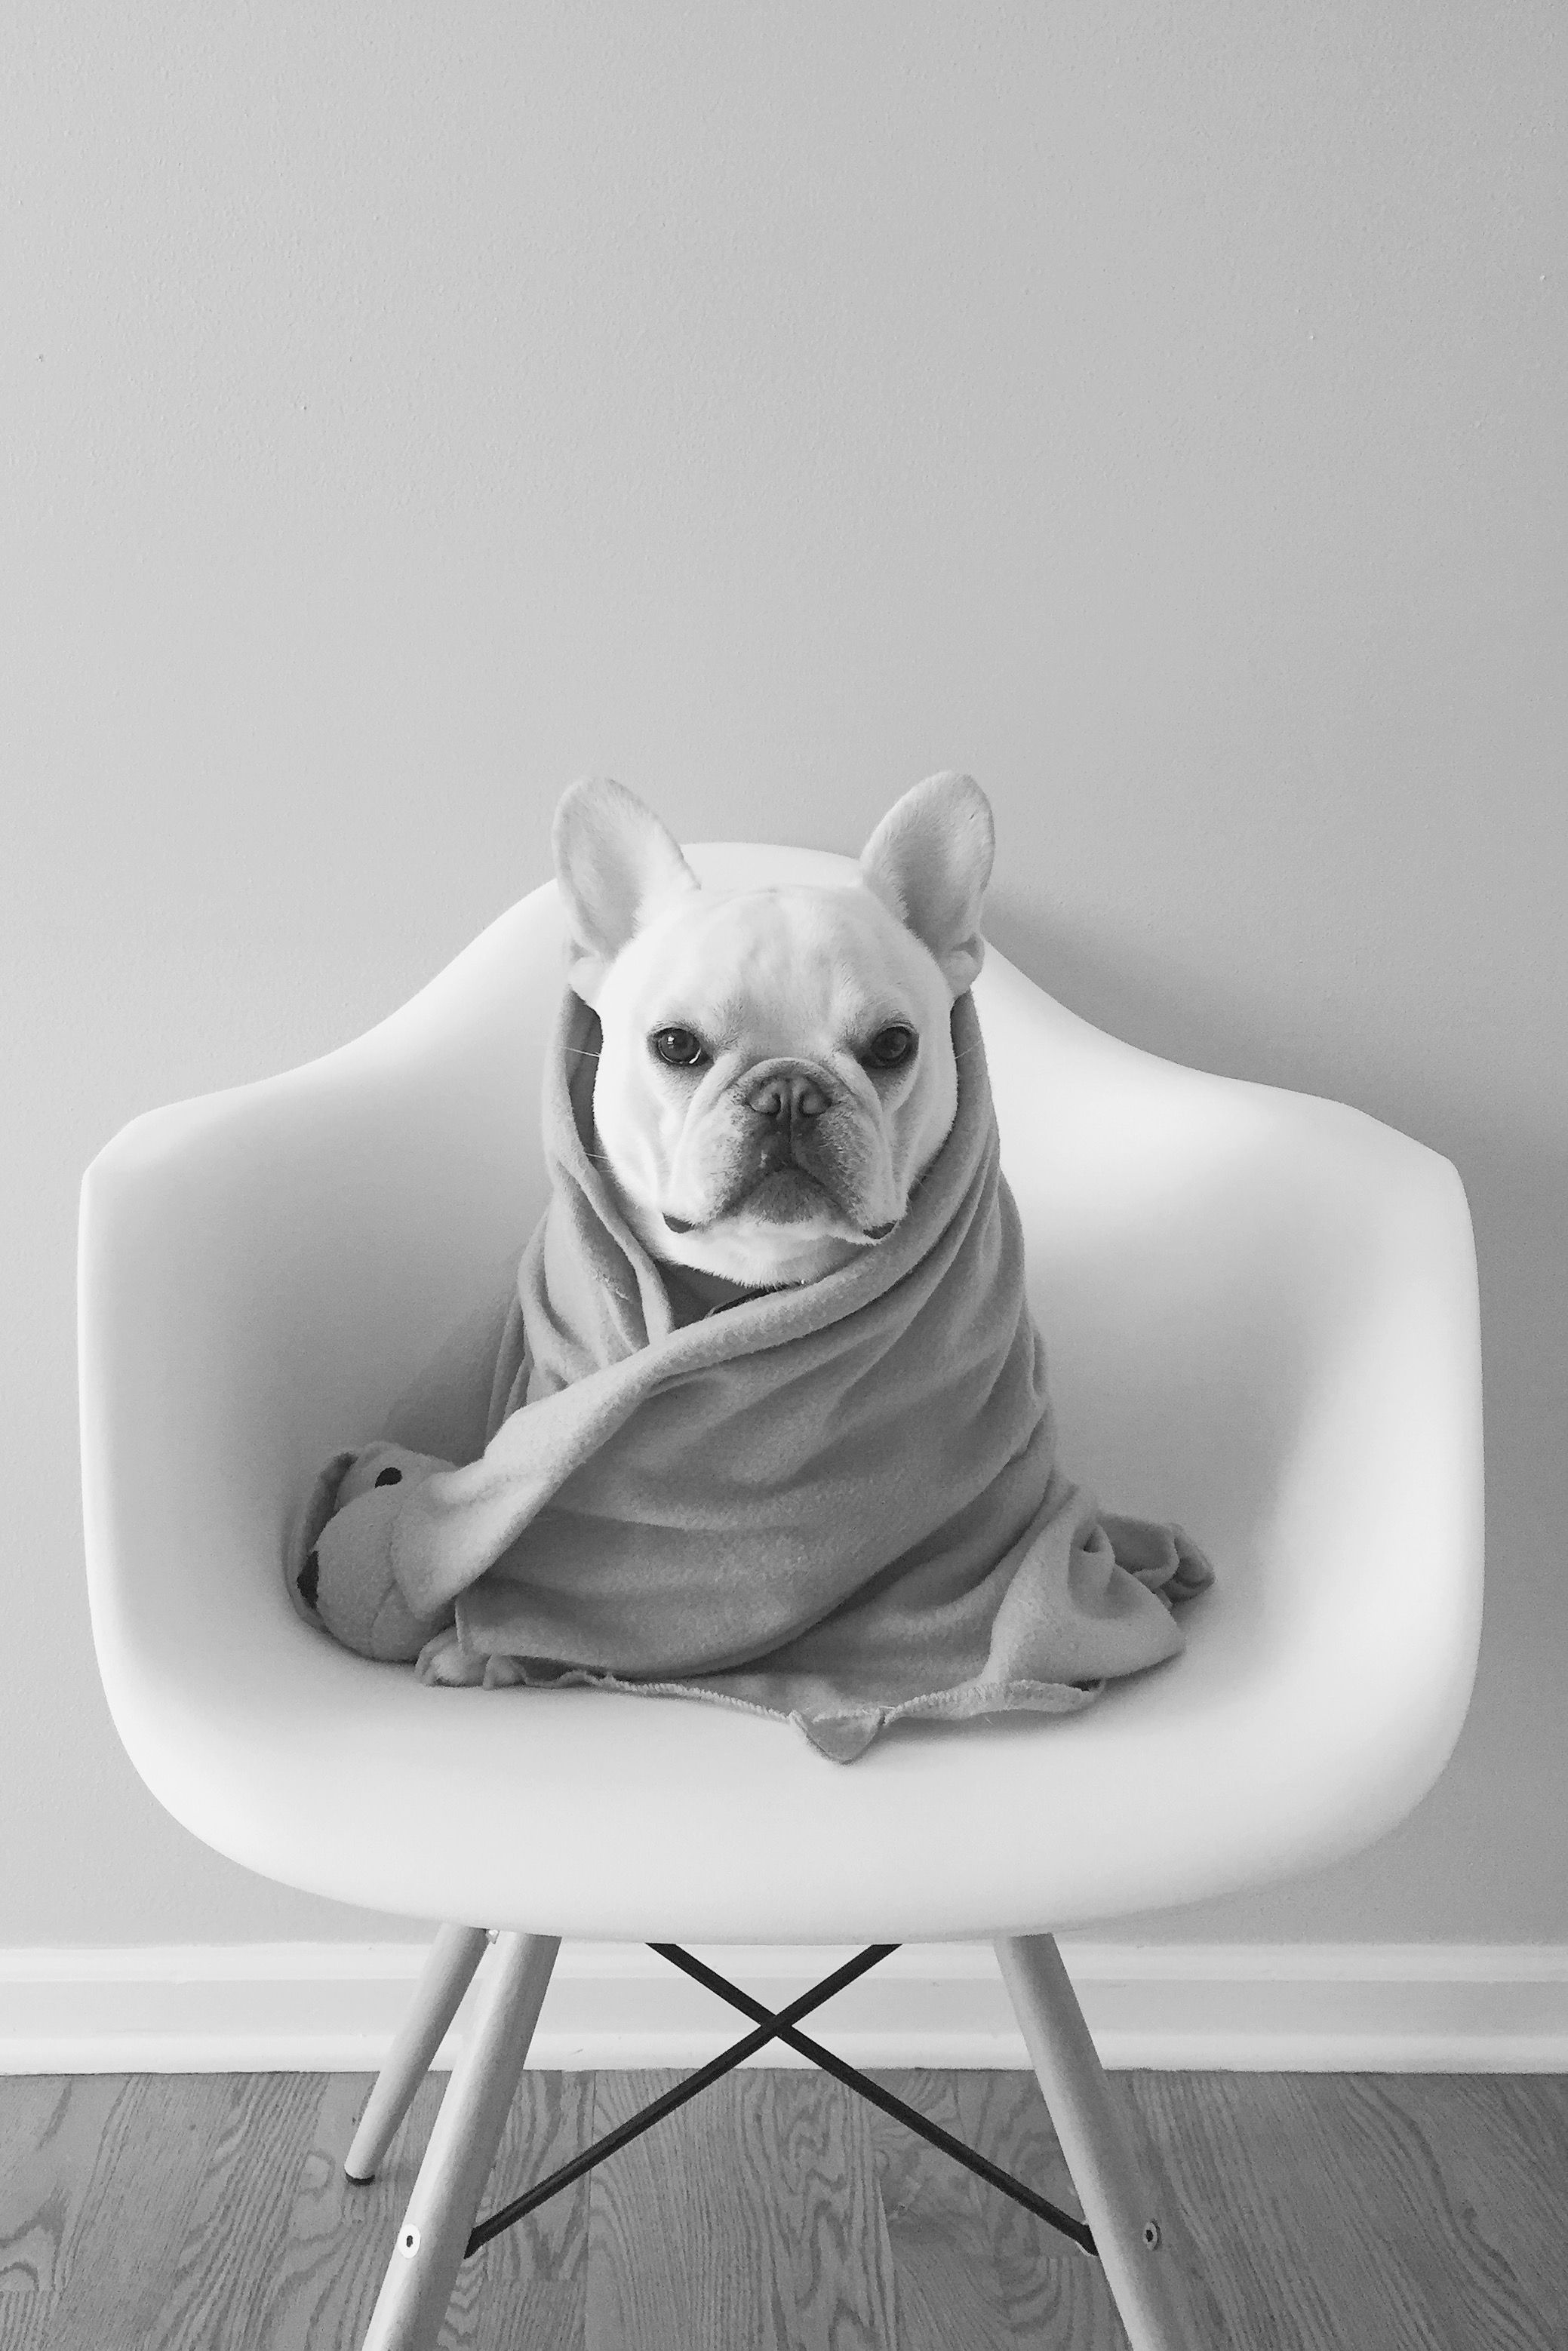 Kleine Mischlingshunde Bilder Kostenlos - Kleine Mischlingshunde Bilder Kostenlos